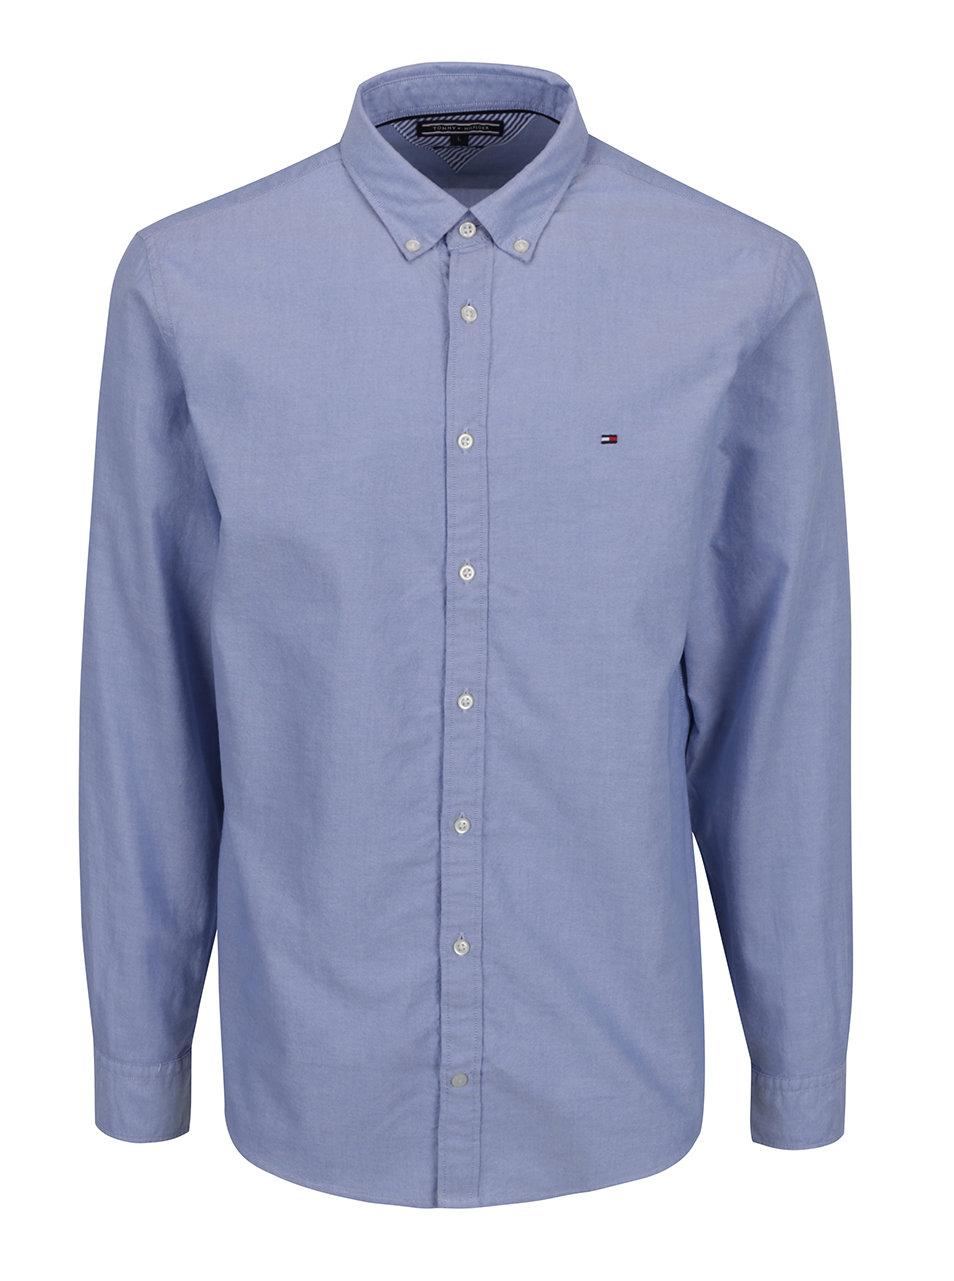 Světle modrá pánská košile s dlouhým rukávem Tommy Hilfiger ... c2b6f04e04